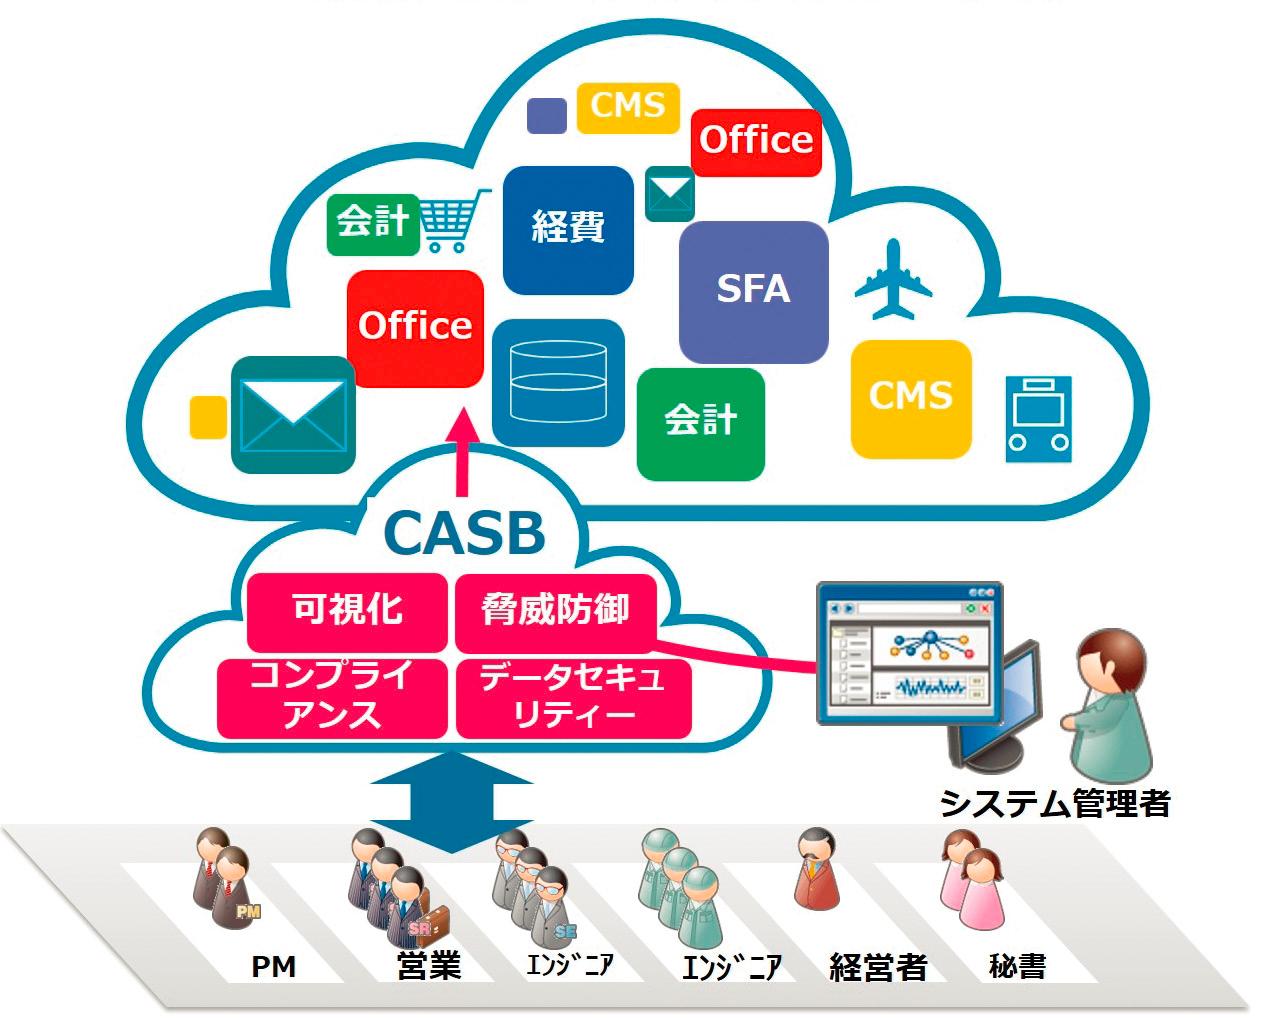 クラウドをセキュリティ統制下に置くCASBを専門サポートと共に提供――CASBサービス